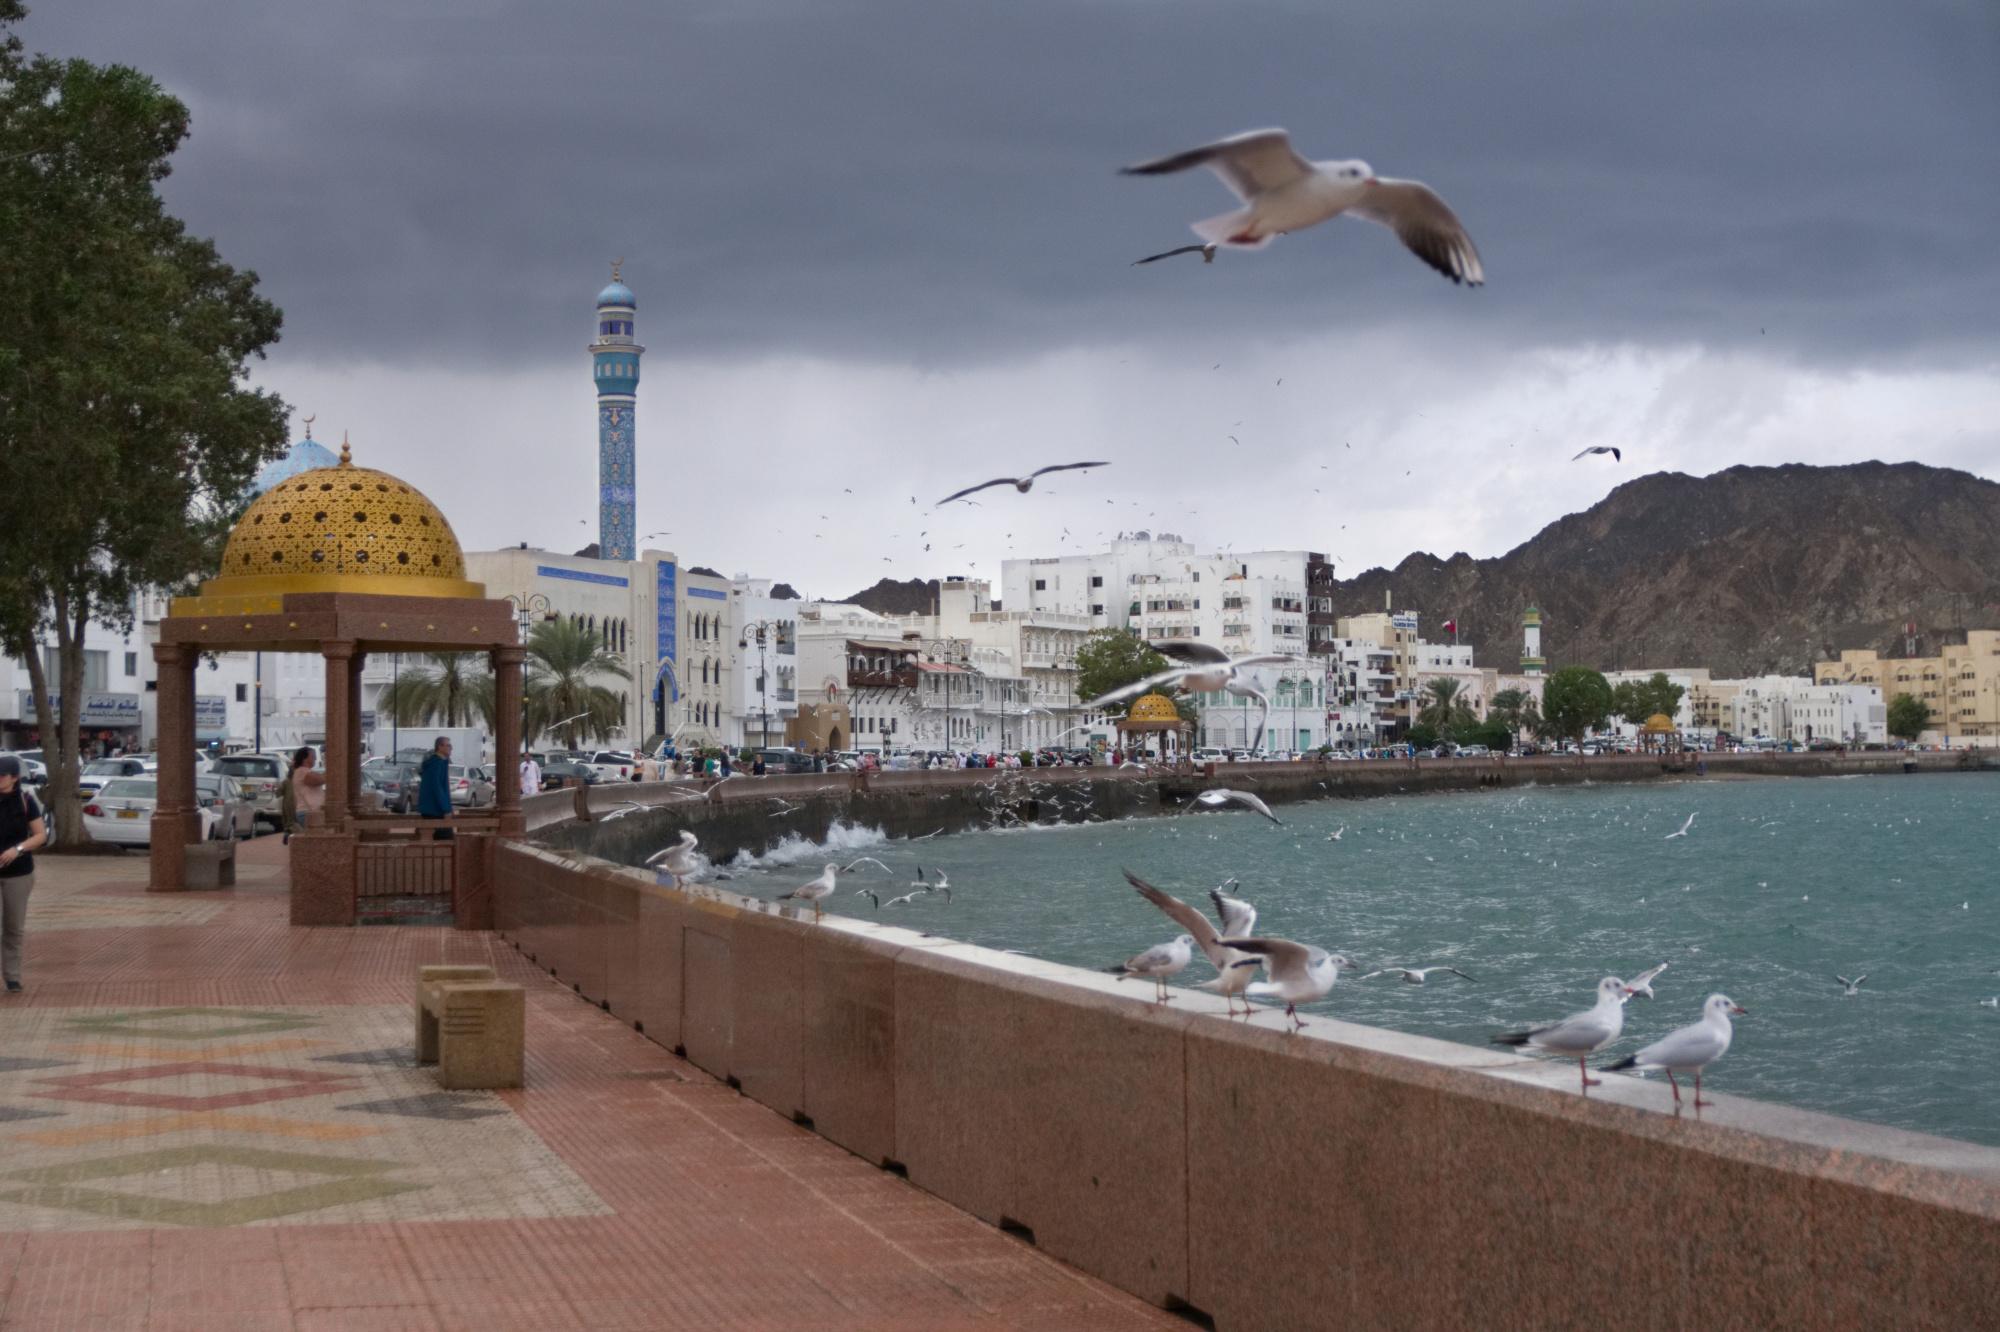 Promenade von Muscat (Mascat) im Oman